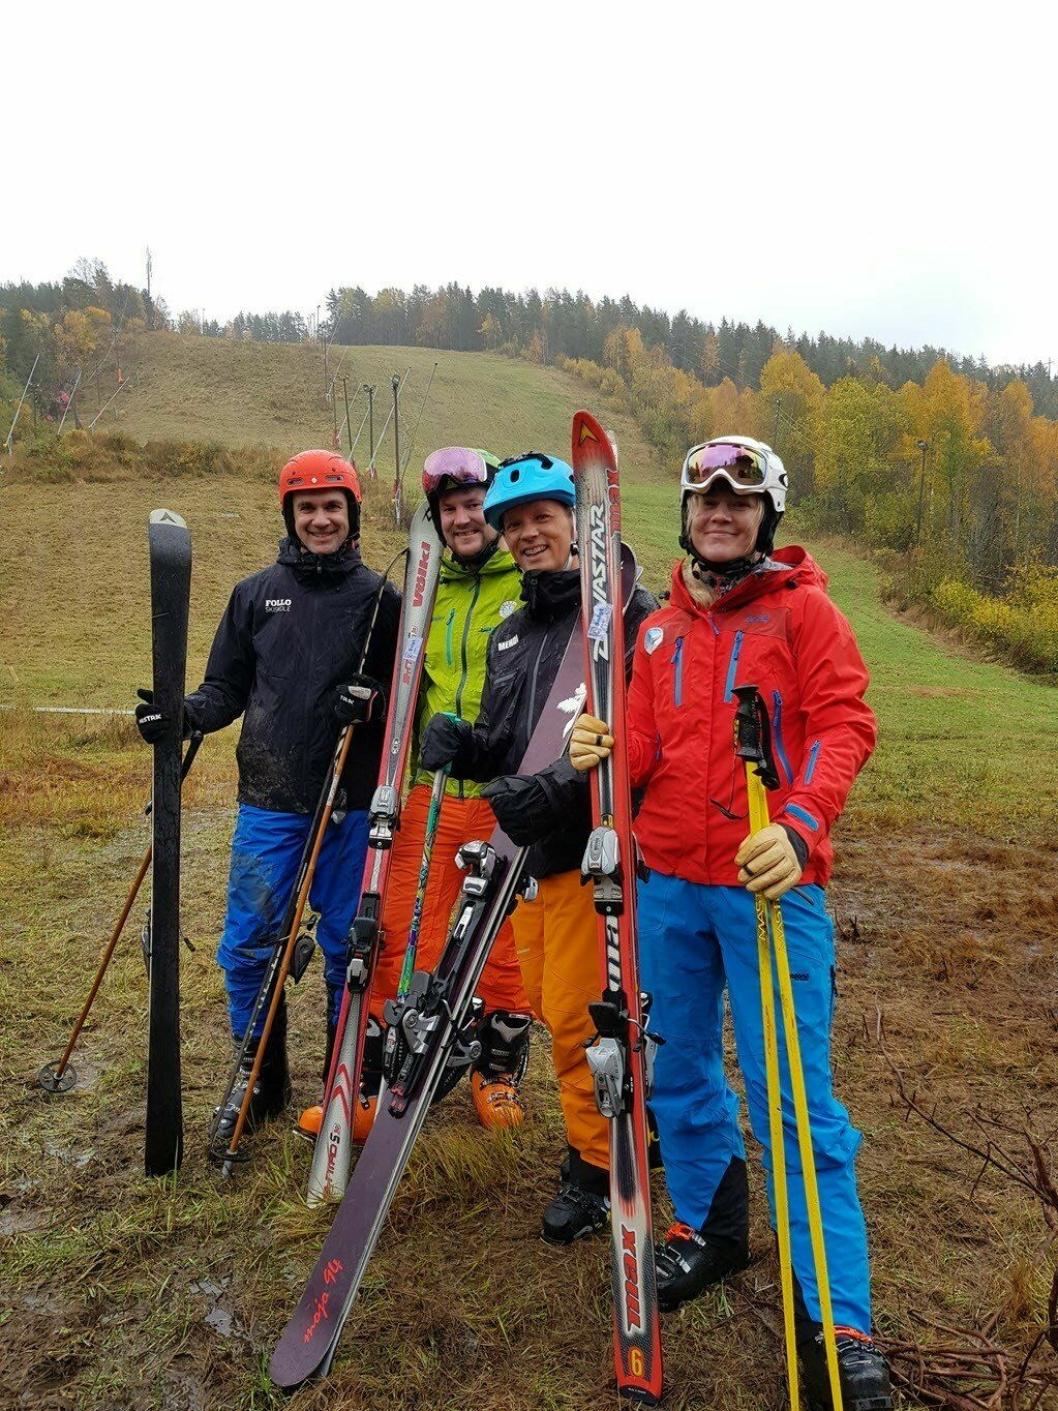 ALPINT PÅ GRESS: Midt i regnværet, med slalåmstøvler fastspent på skiene, kjørte de fire skiinstruktørene nedover de bratte bakkene på Ingierkollen Slalåmsenter – på gress! Sjekk den utrolige videoen fra søndag 20. oktober.